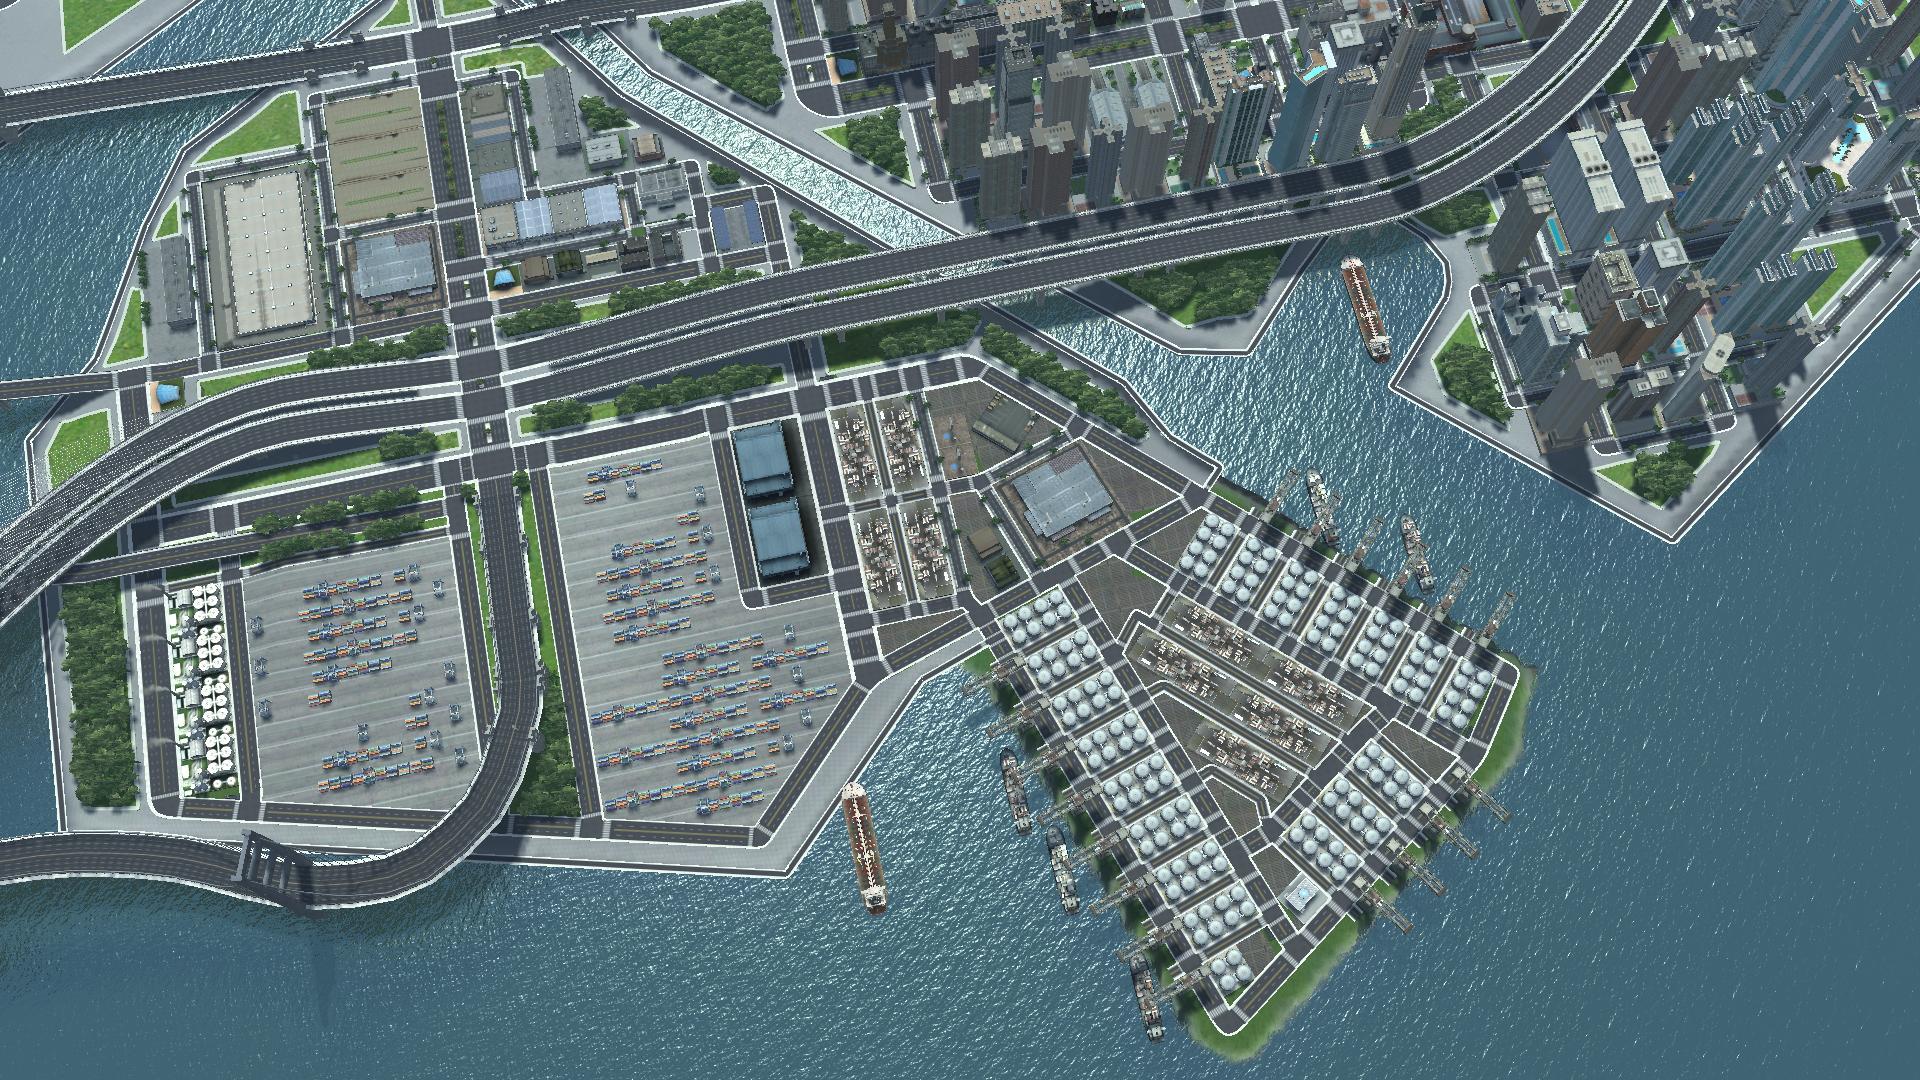 CitiesXL_2012 2014-11-06 01-41-07-29.jpg